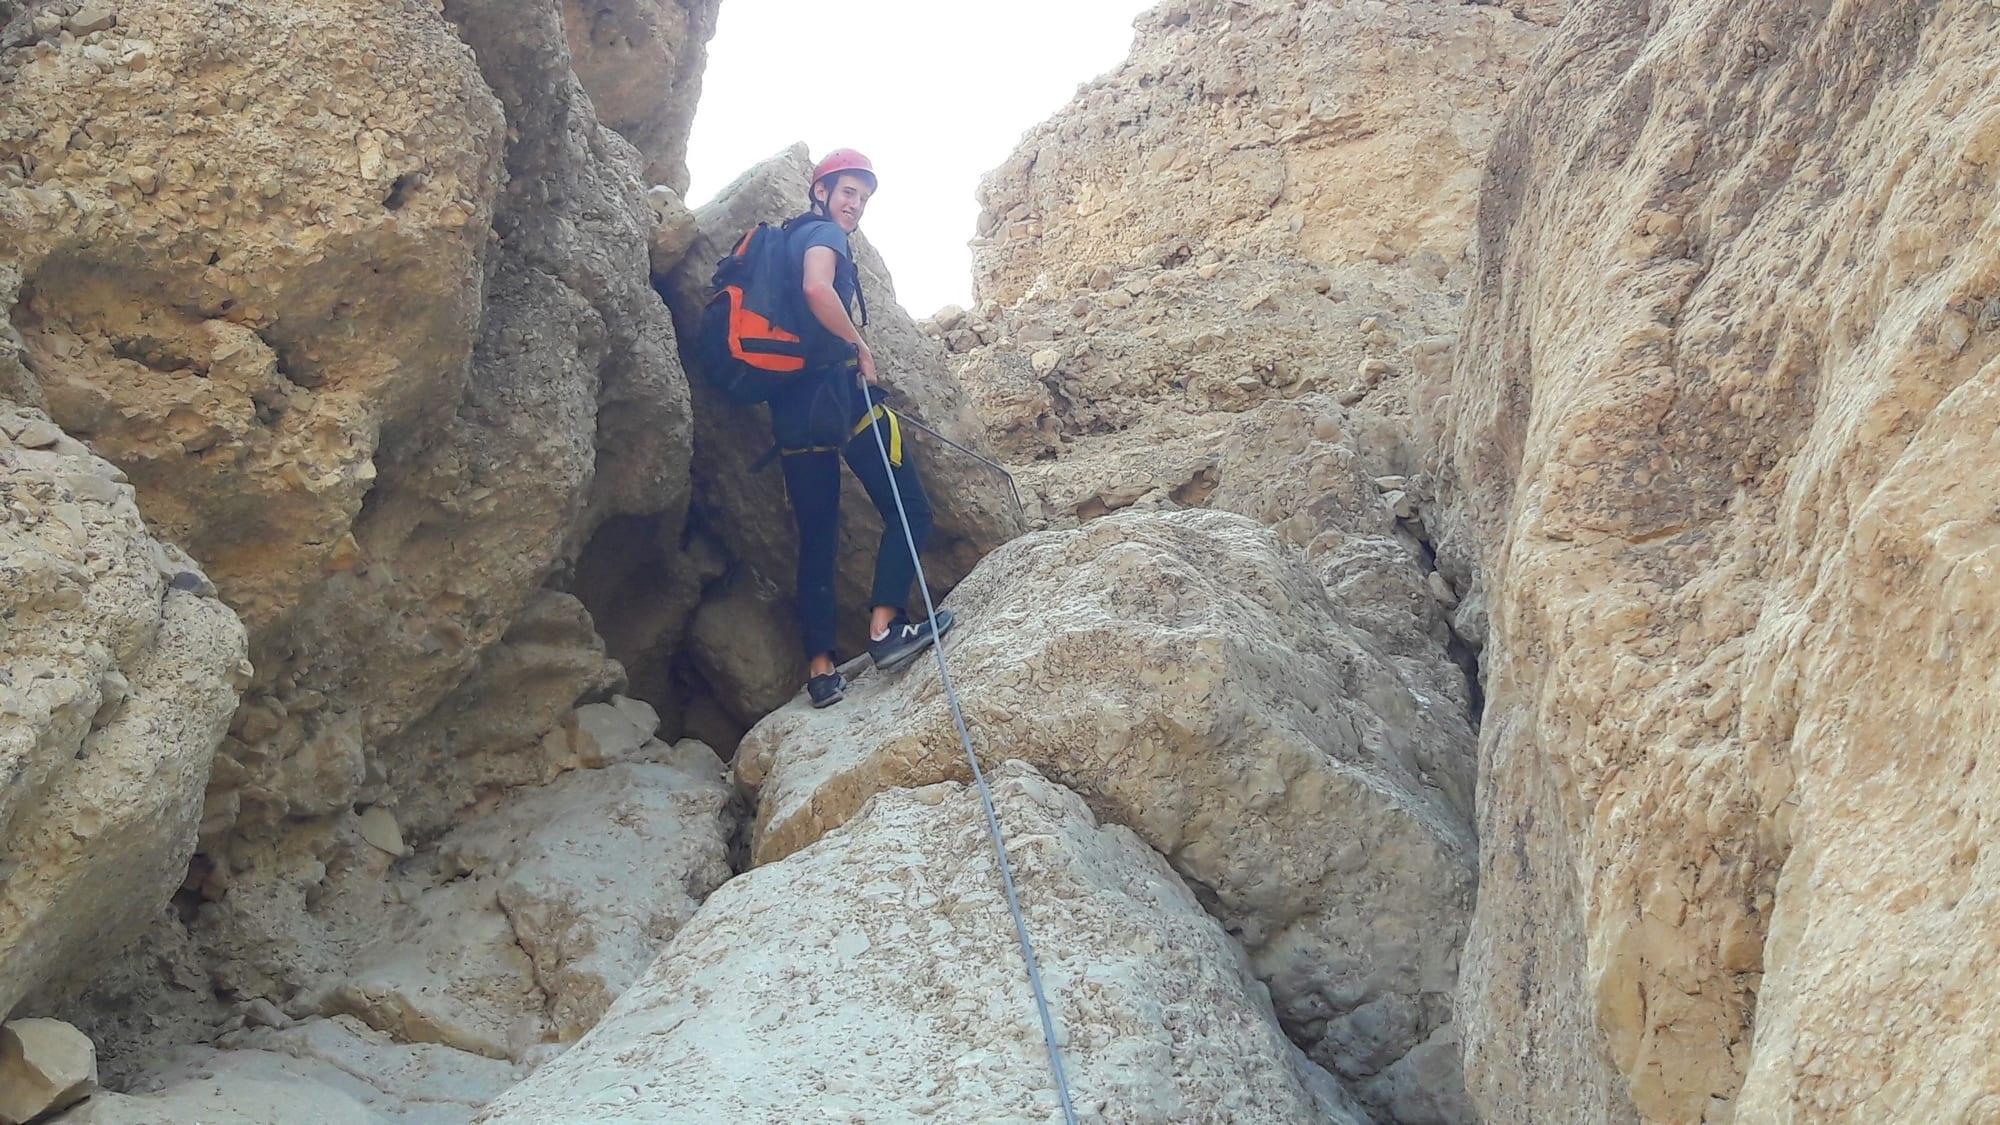 טיול סנפלינג למתחילים בנחל טור תחתון עם ערוצים בטבע